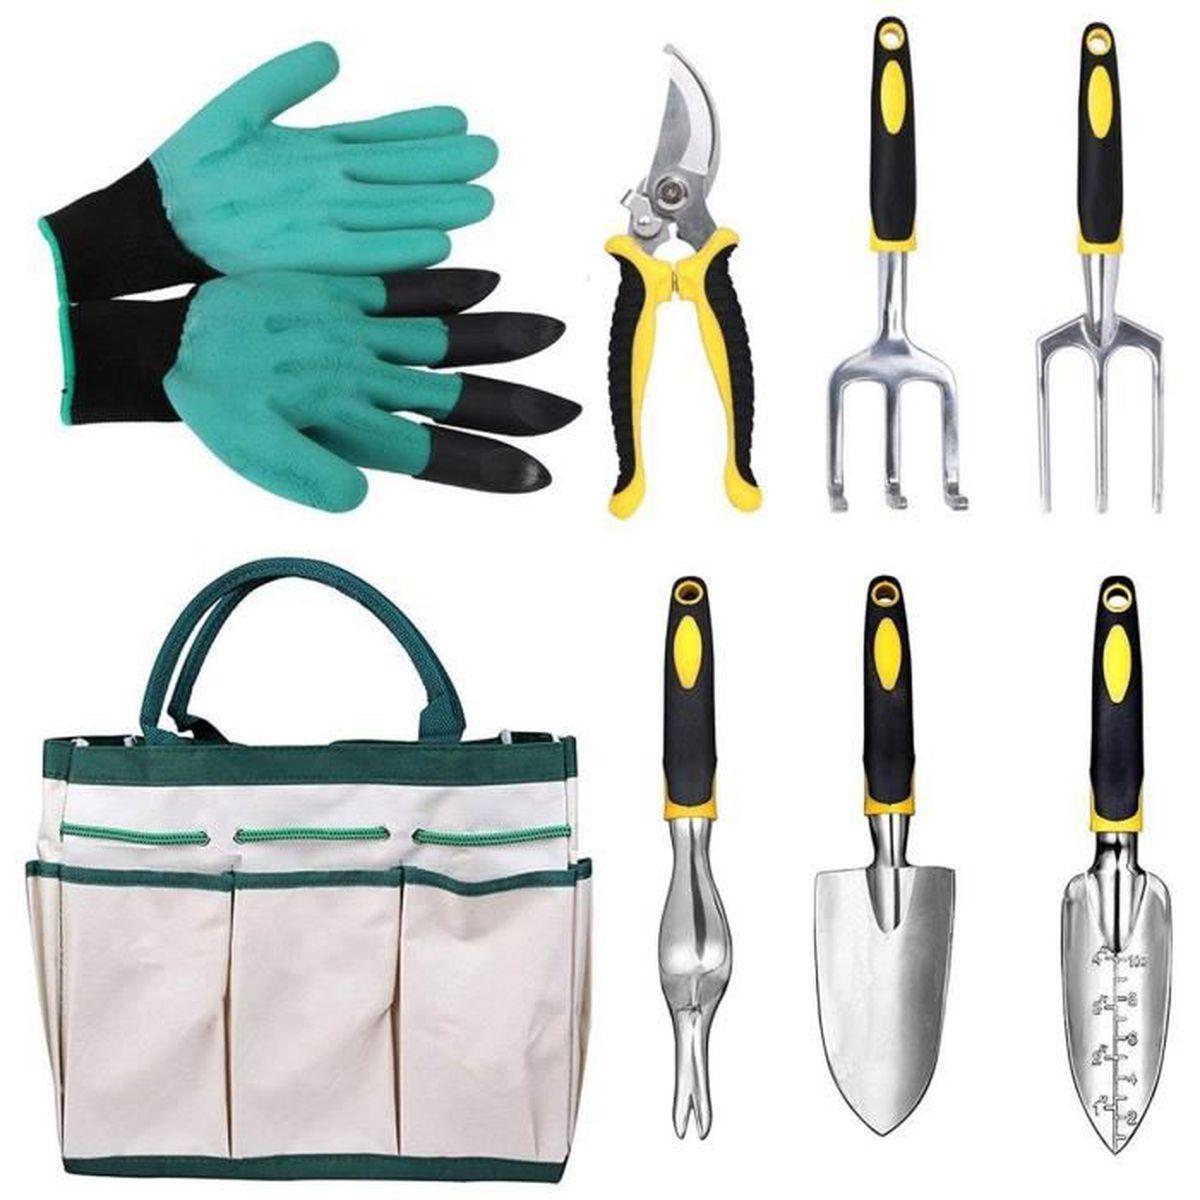 Les Outils De Jardinage Avec Photos 8 pieces outils de jardinage en aluminium kit de jardin